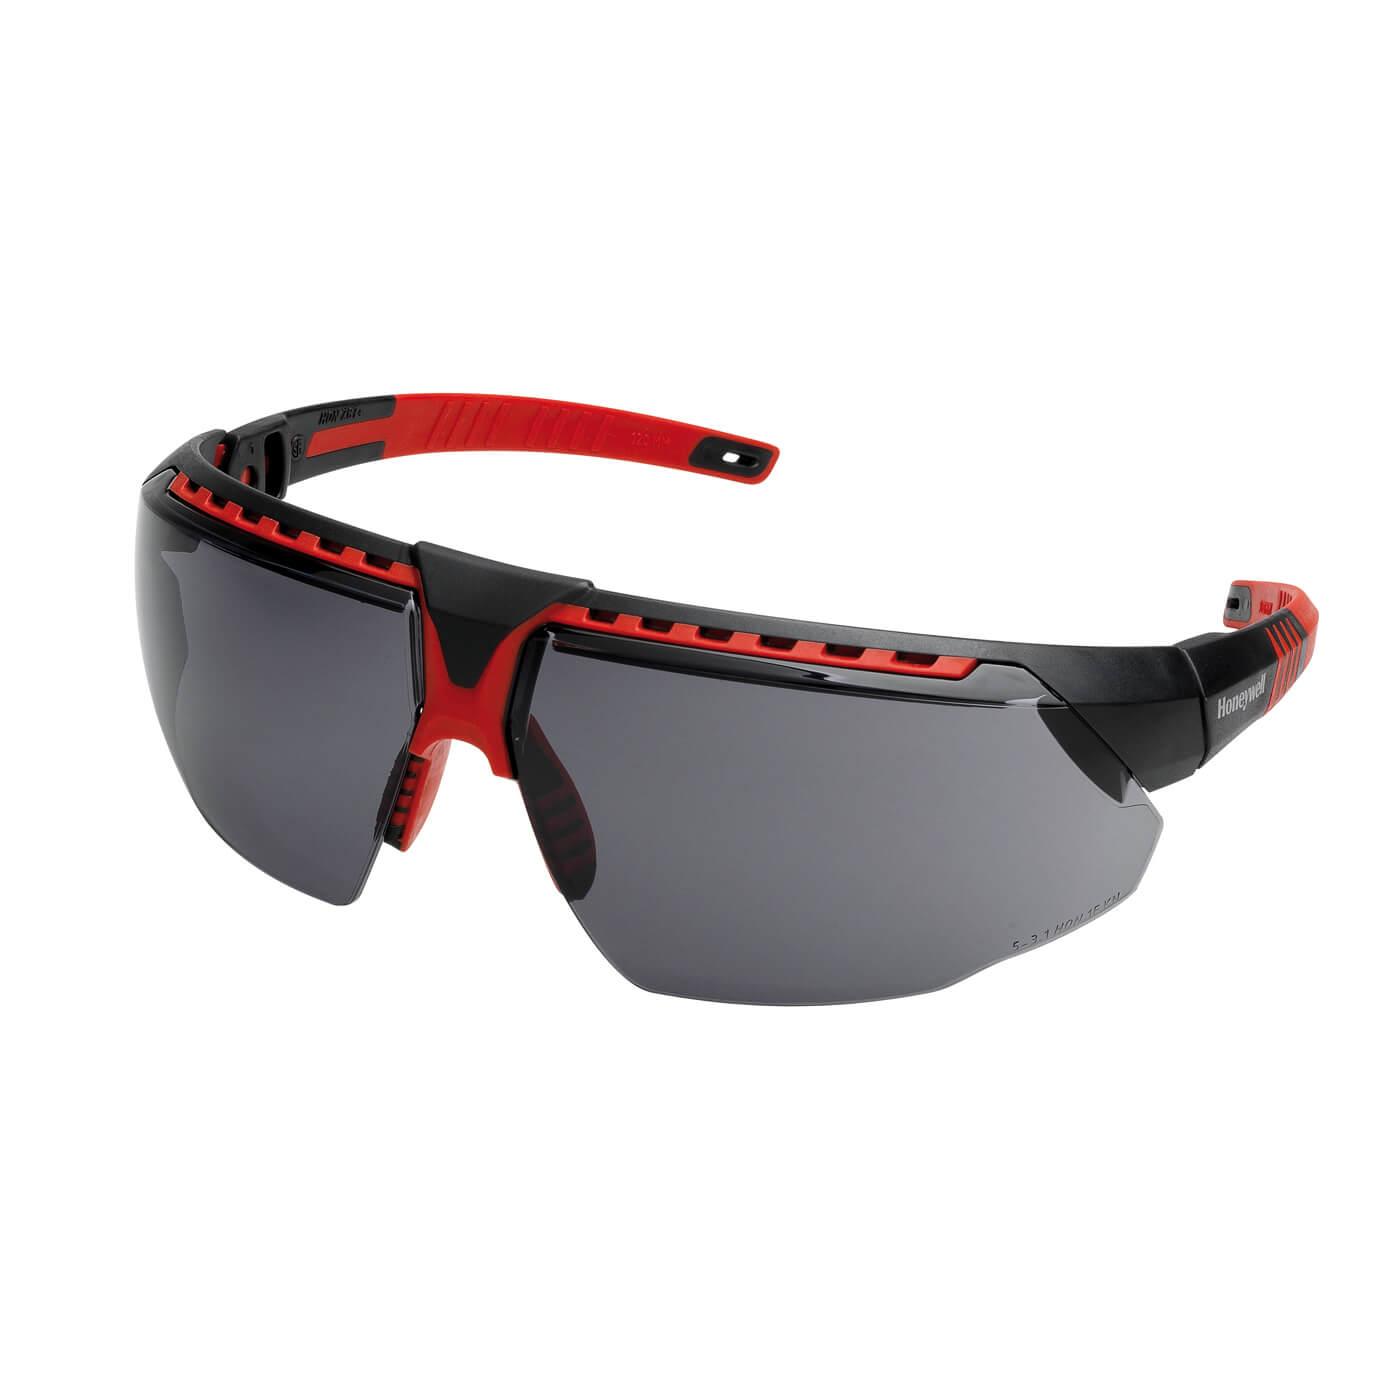 Okulary ochronne Avatar 1034837 Honeywell szara soczewka